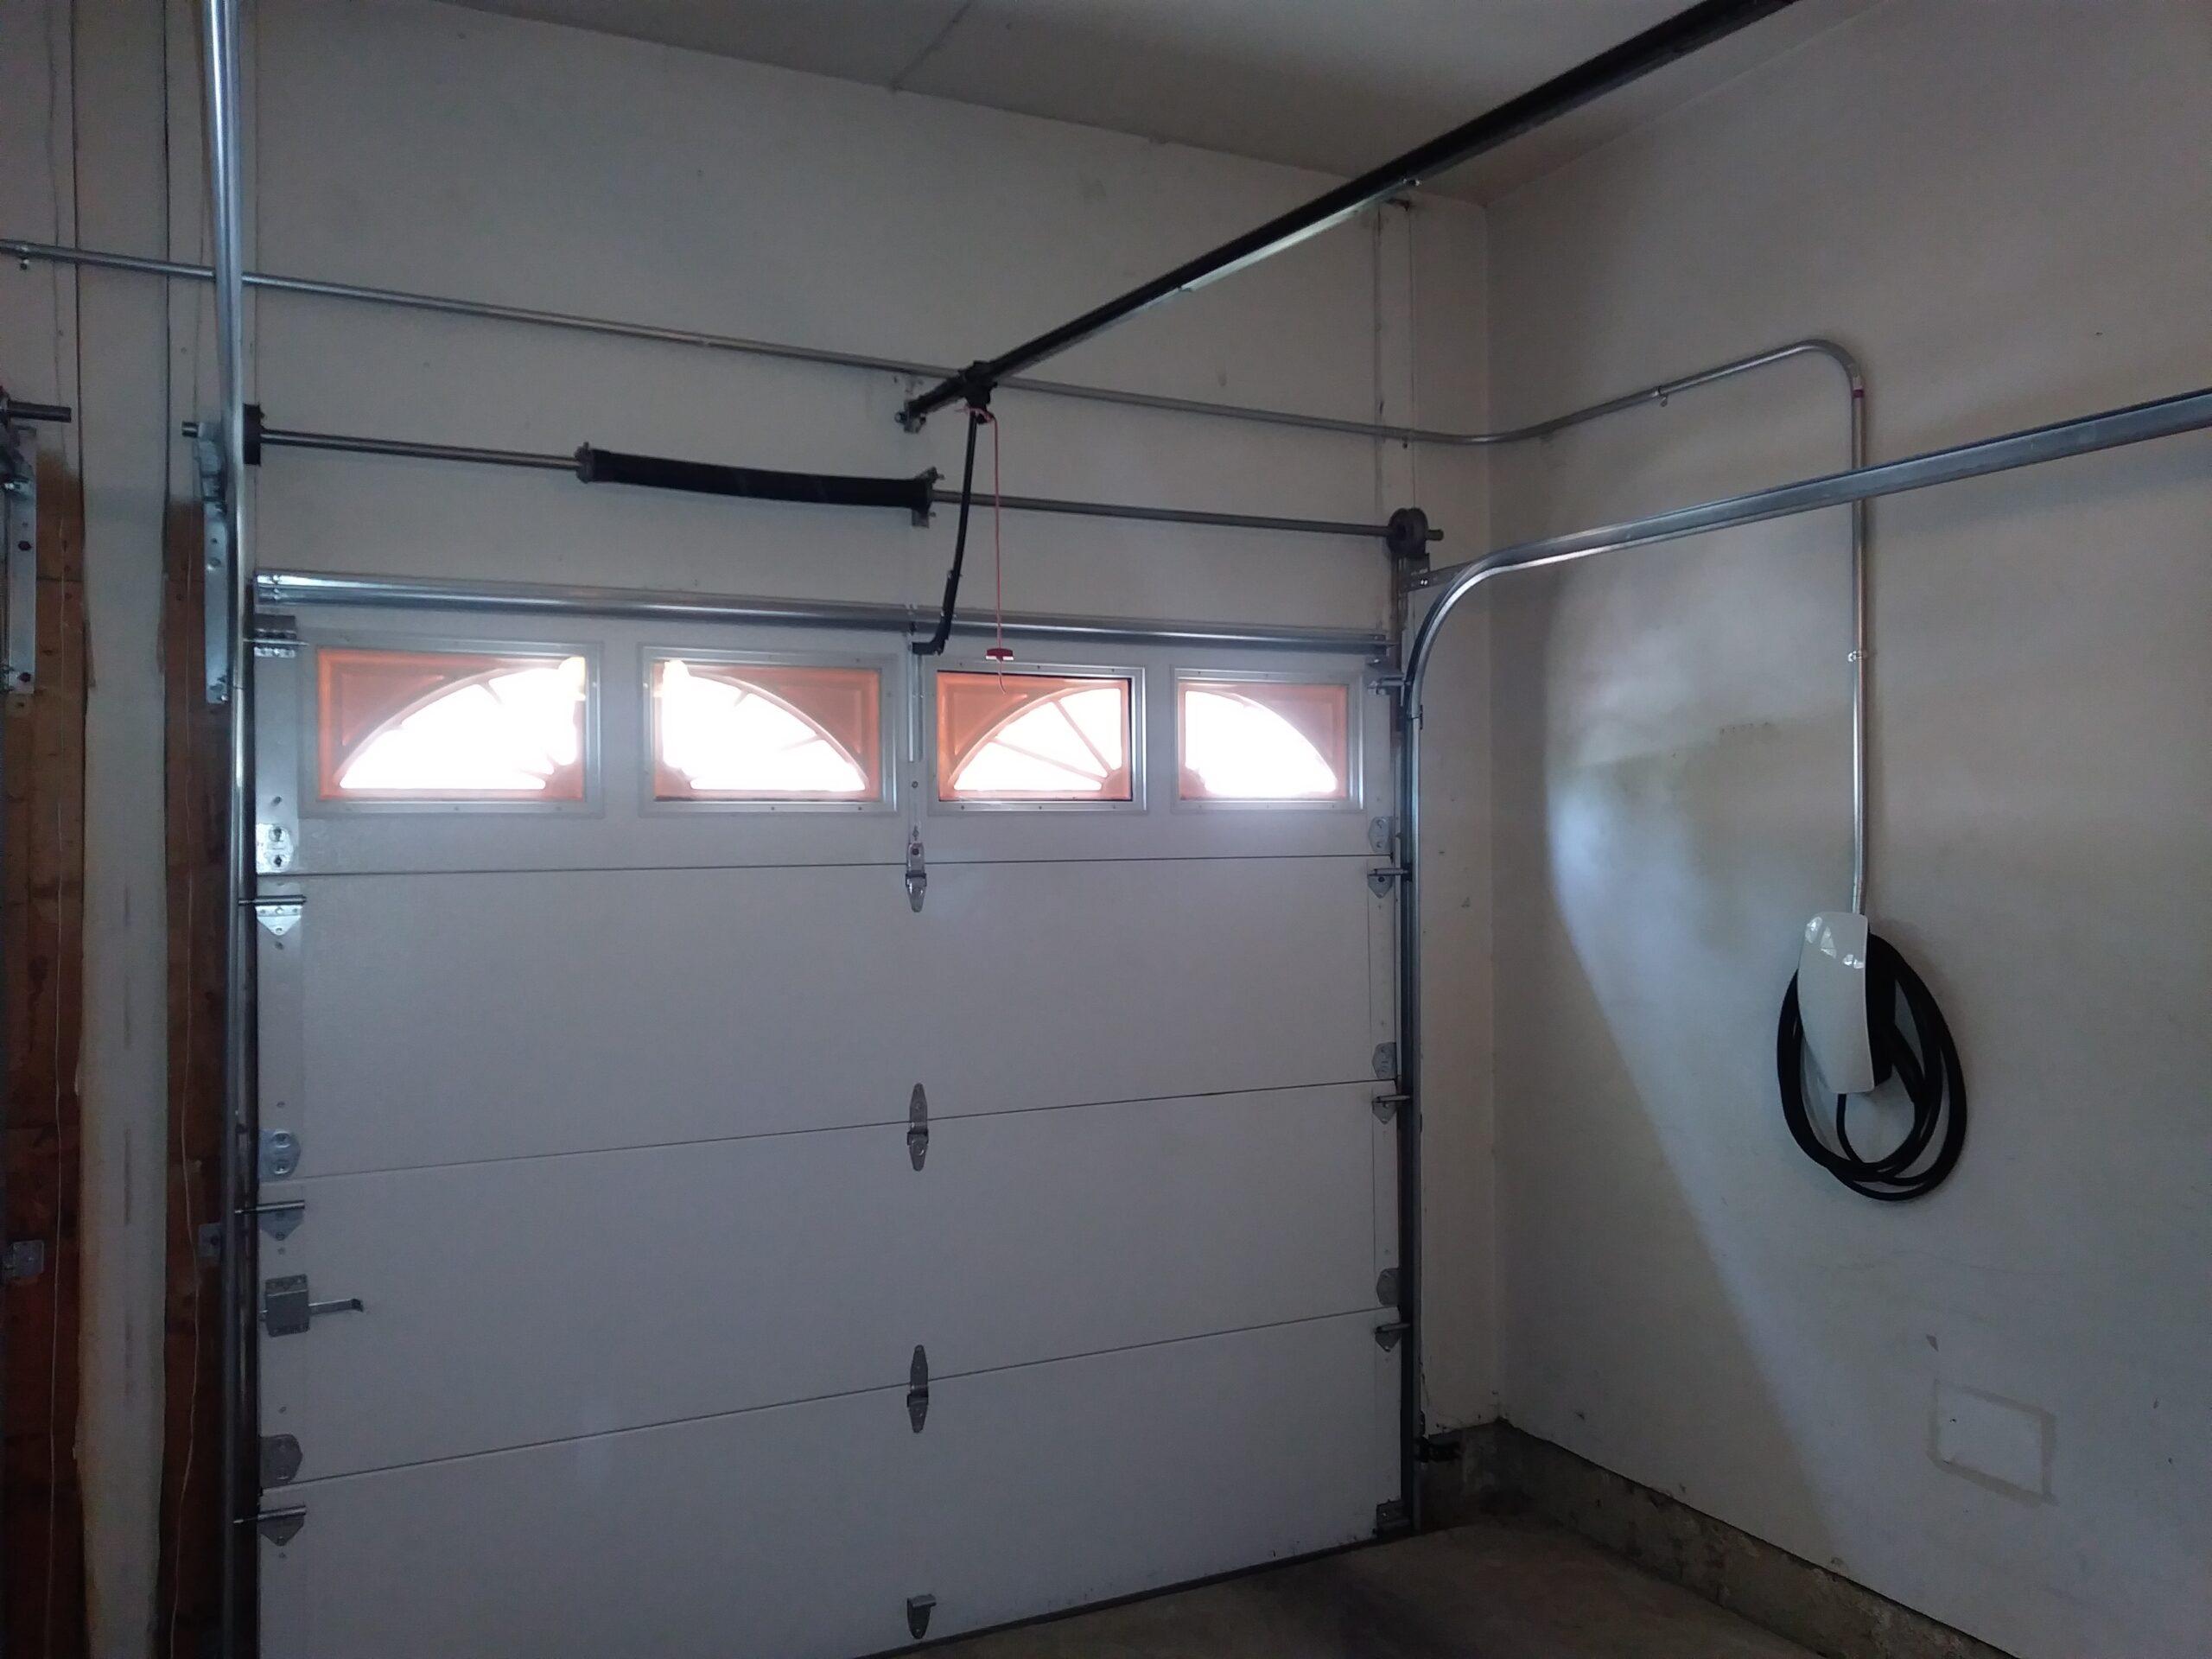 Gen 3 hpwc in garage